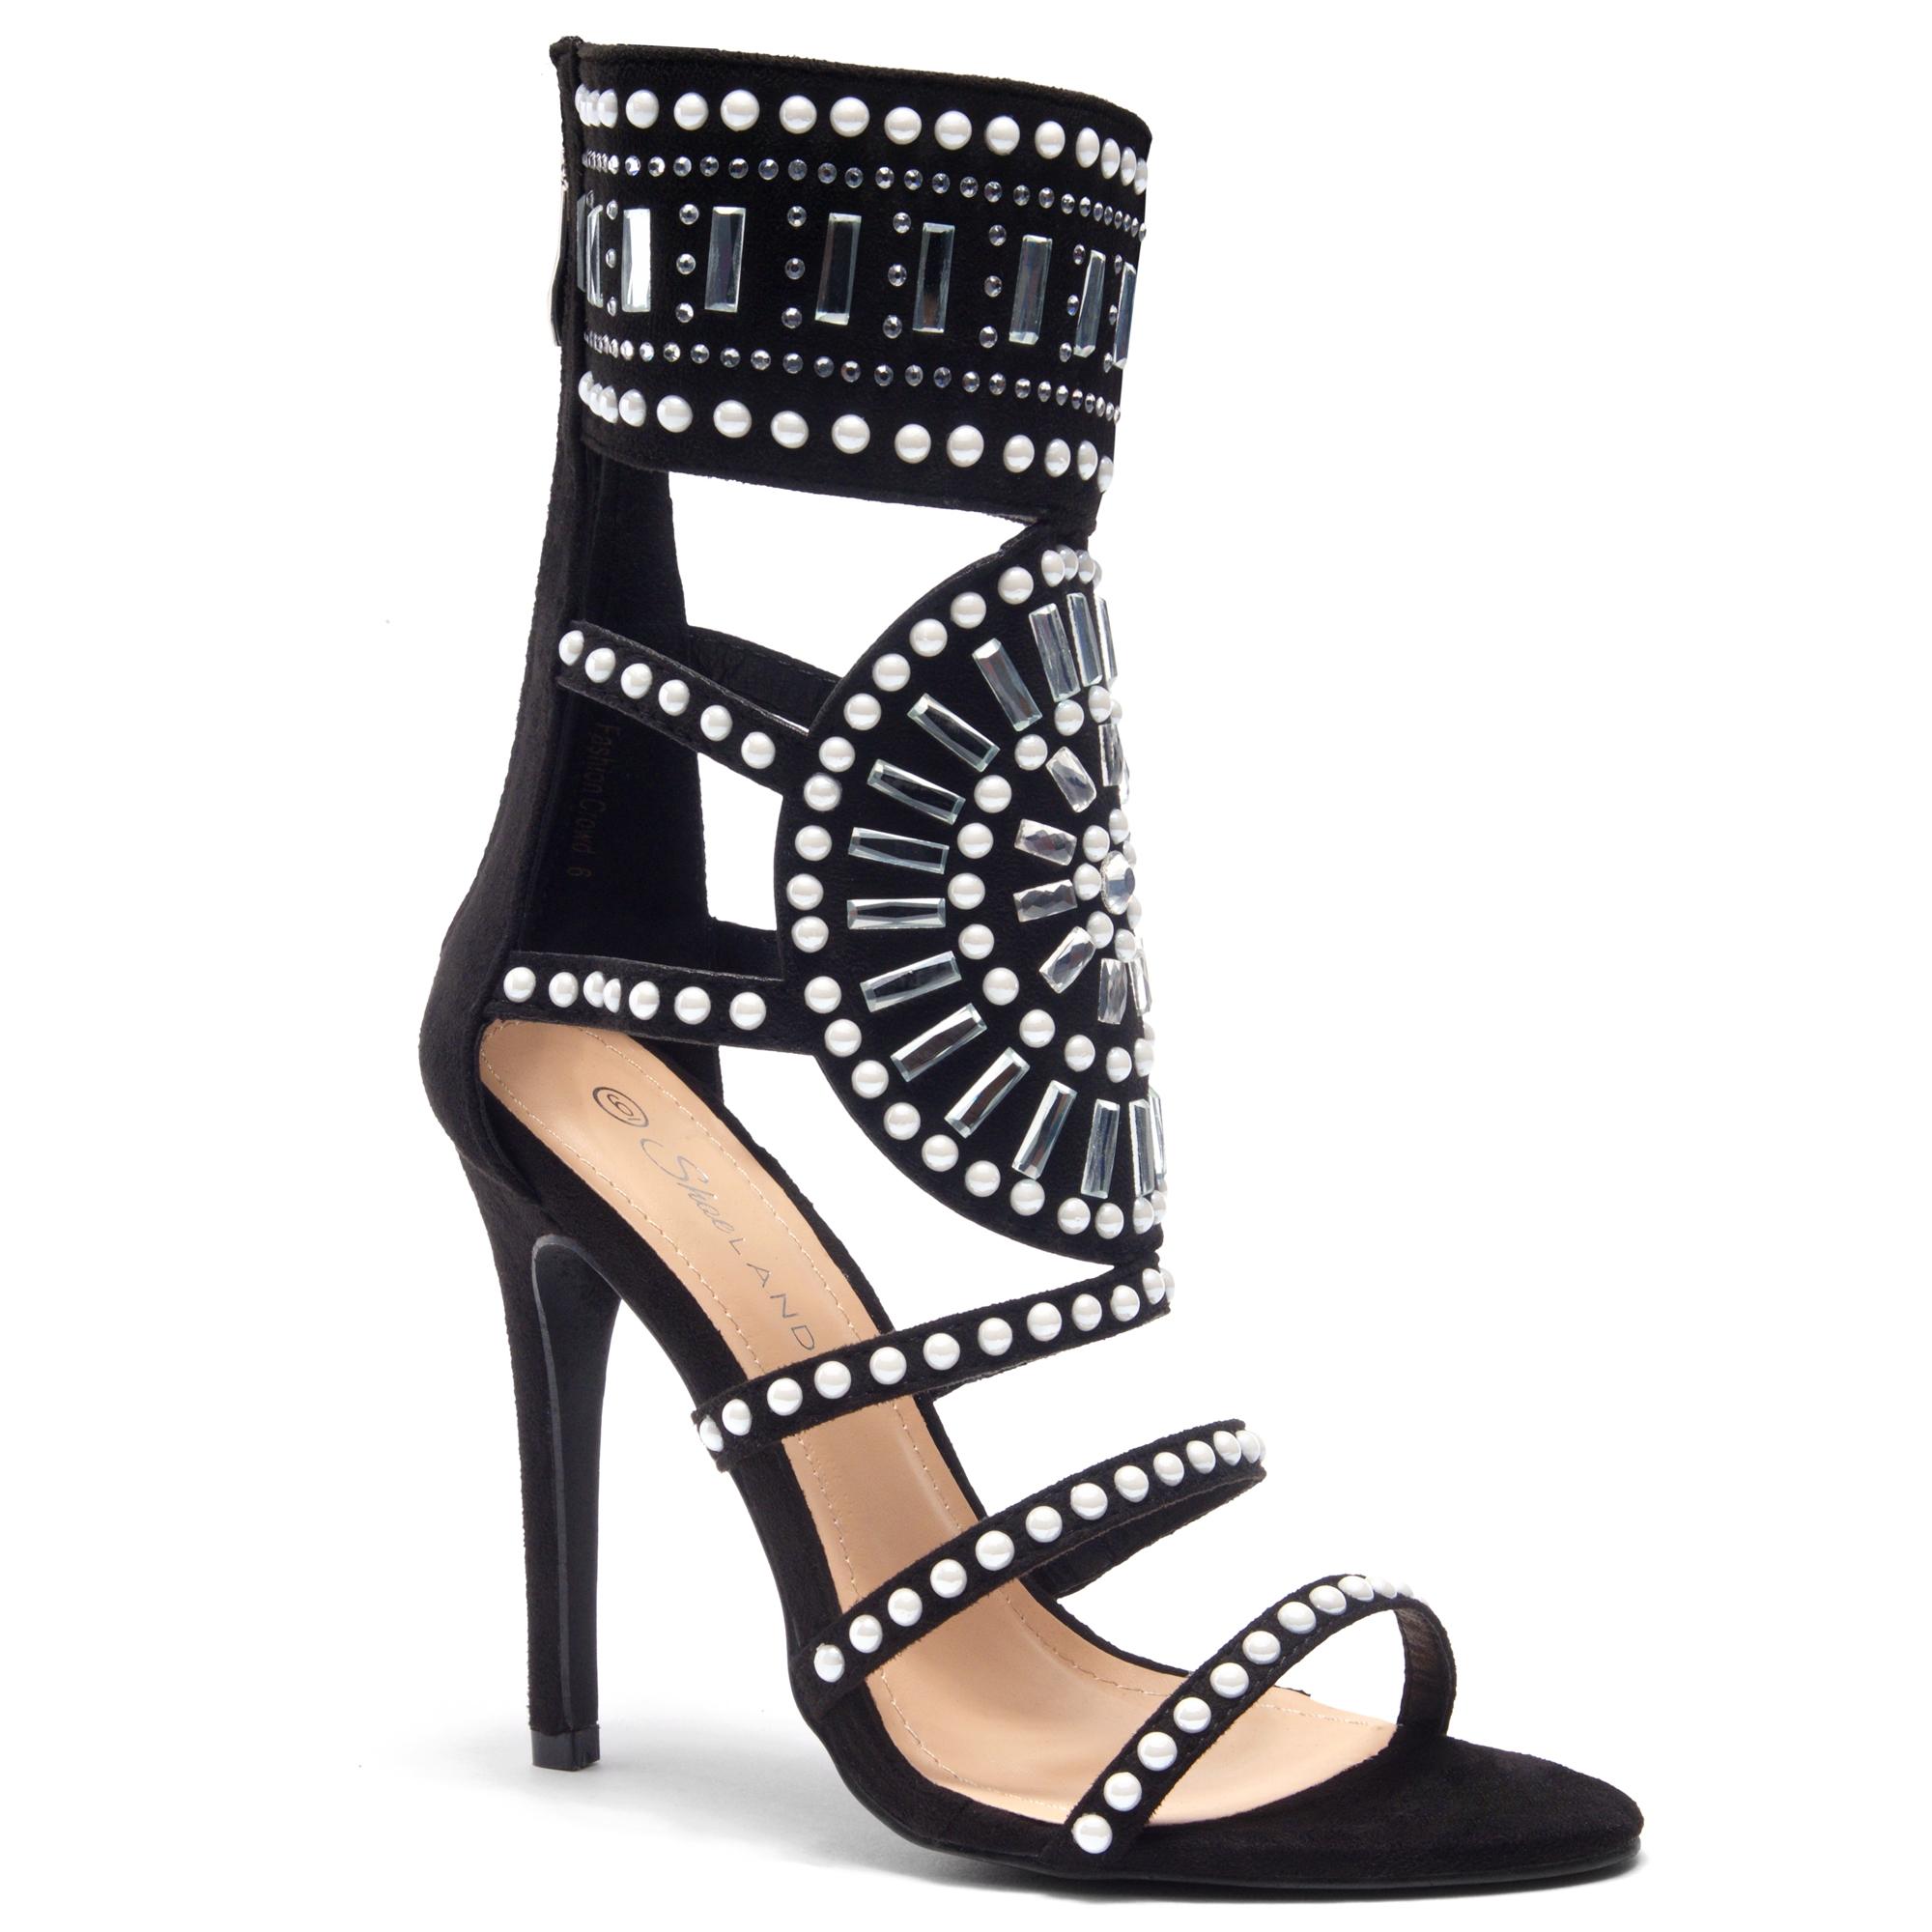 aae809515ff1 ... HerStyle Fashion Crowd stiletto heel